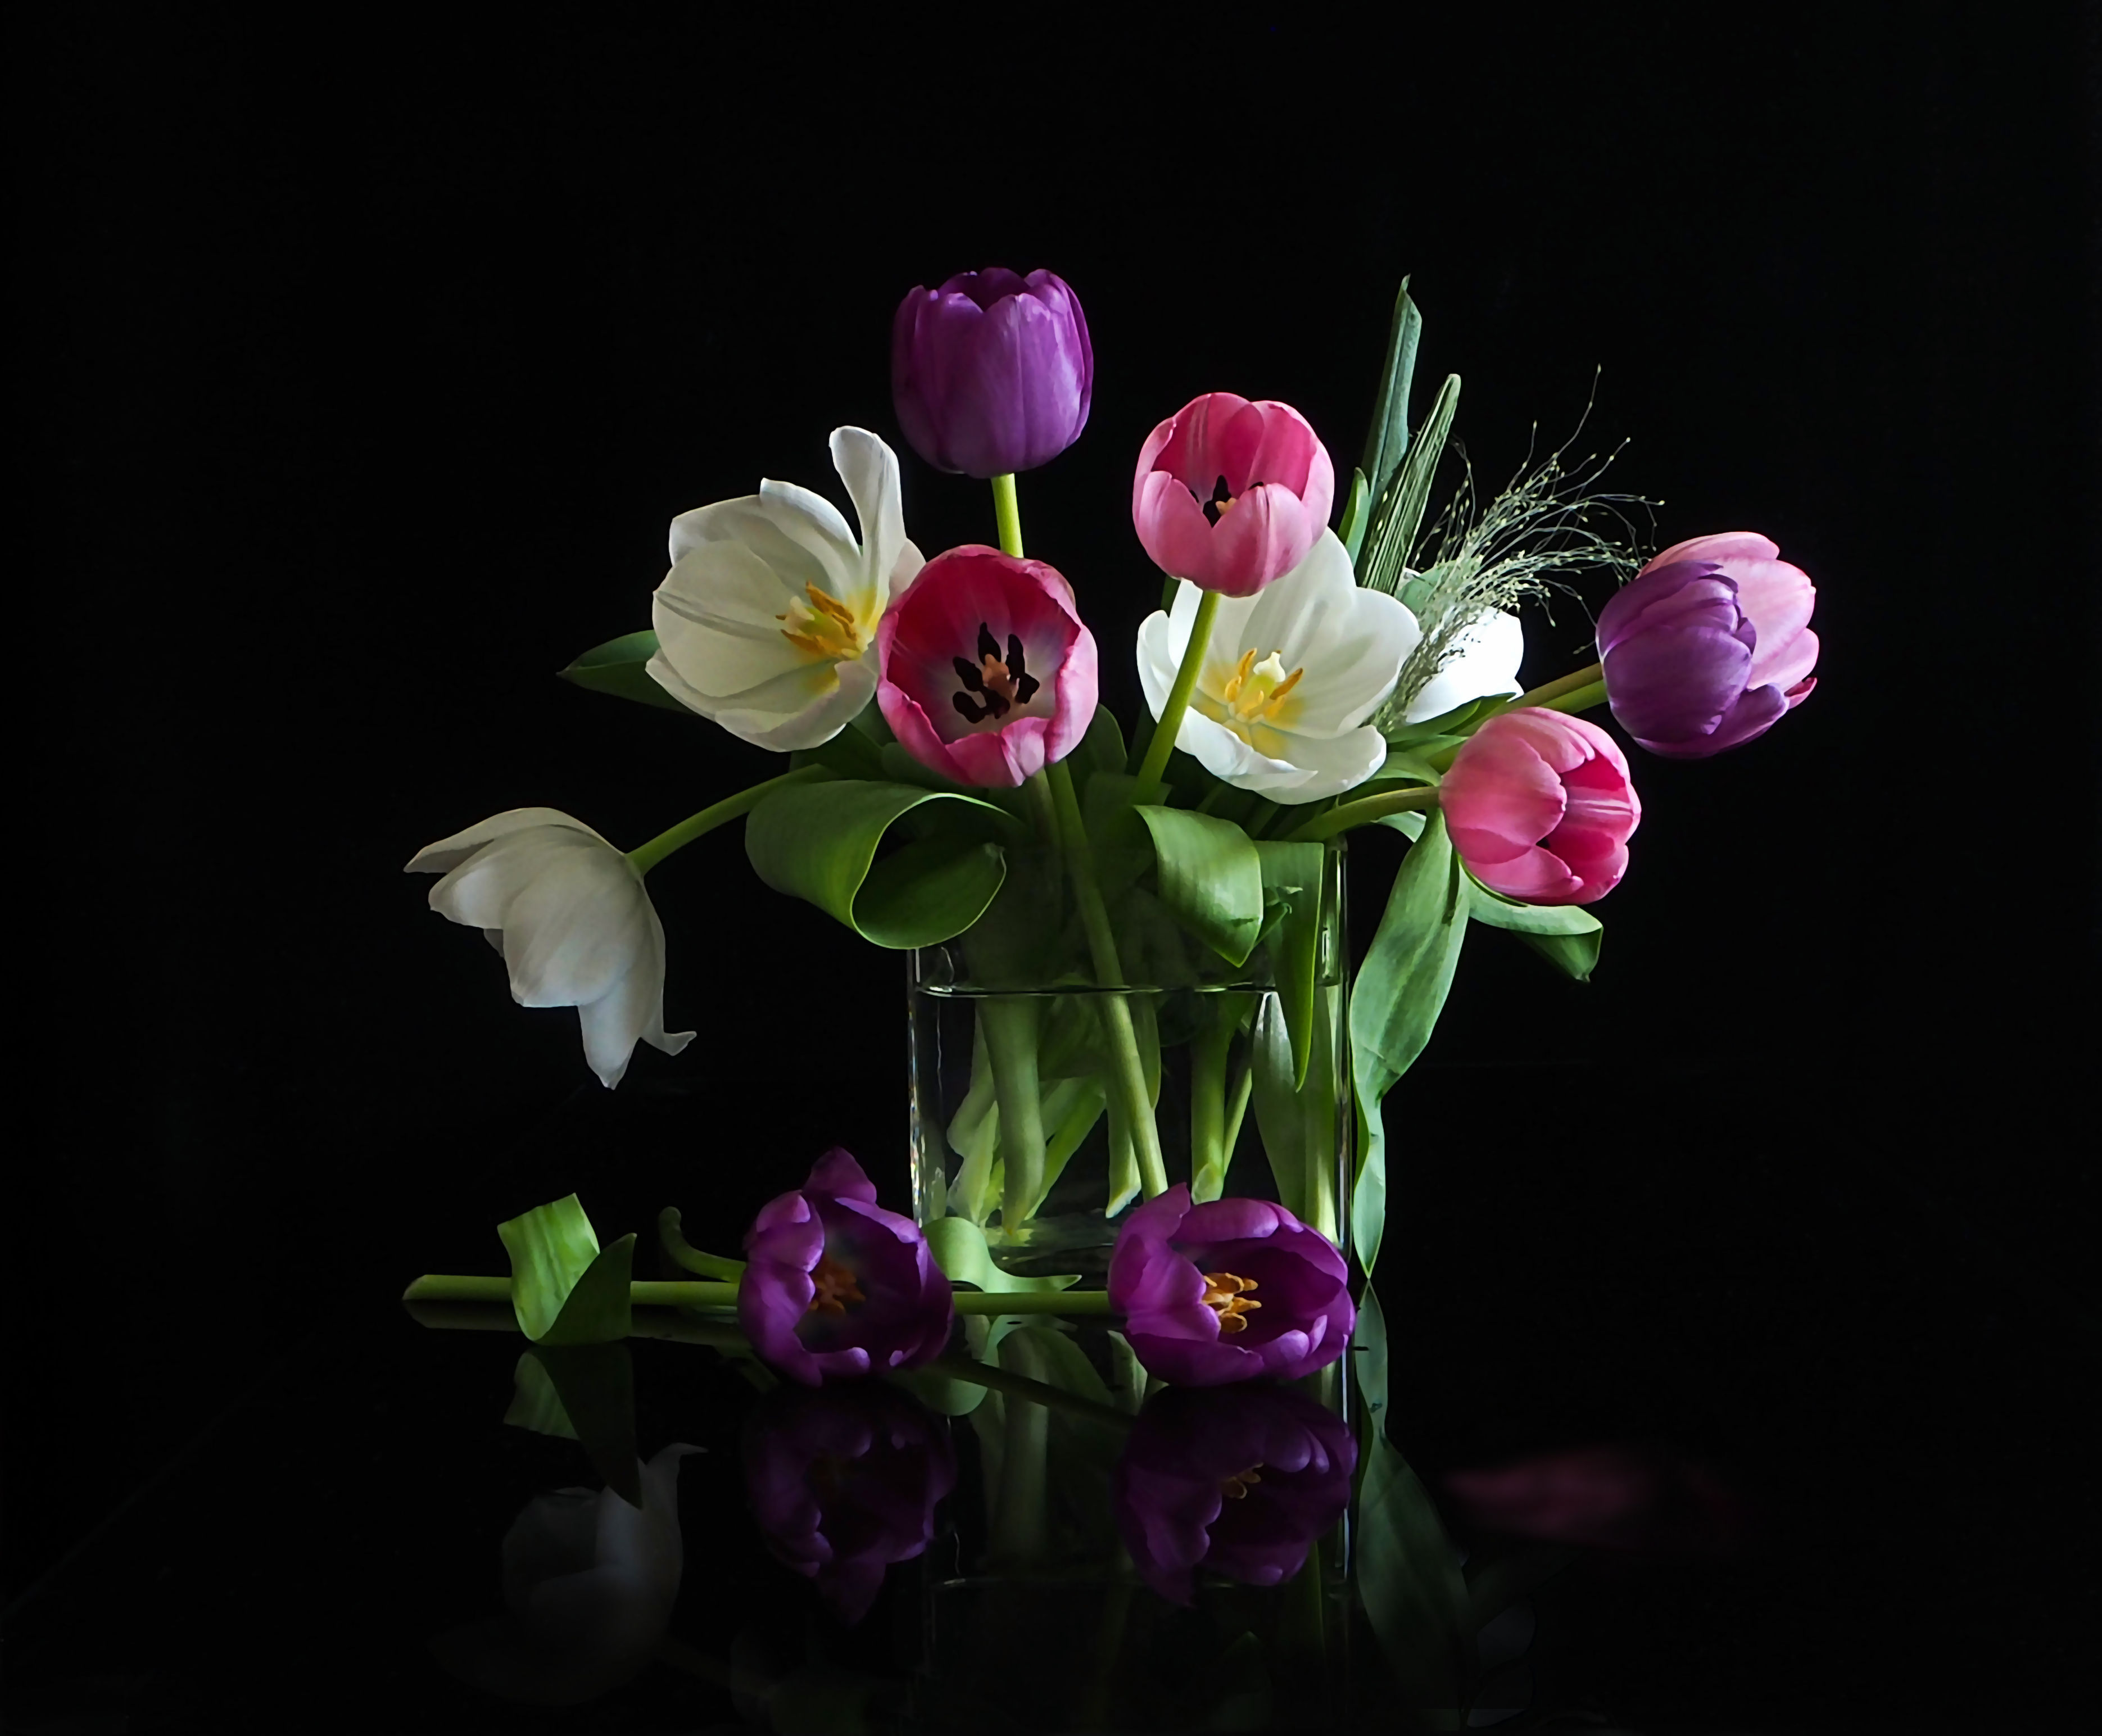 фото цветов на черном фоне высокого качества практически всех крупных